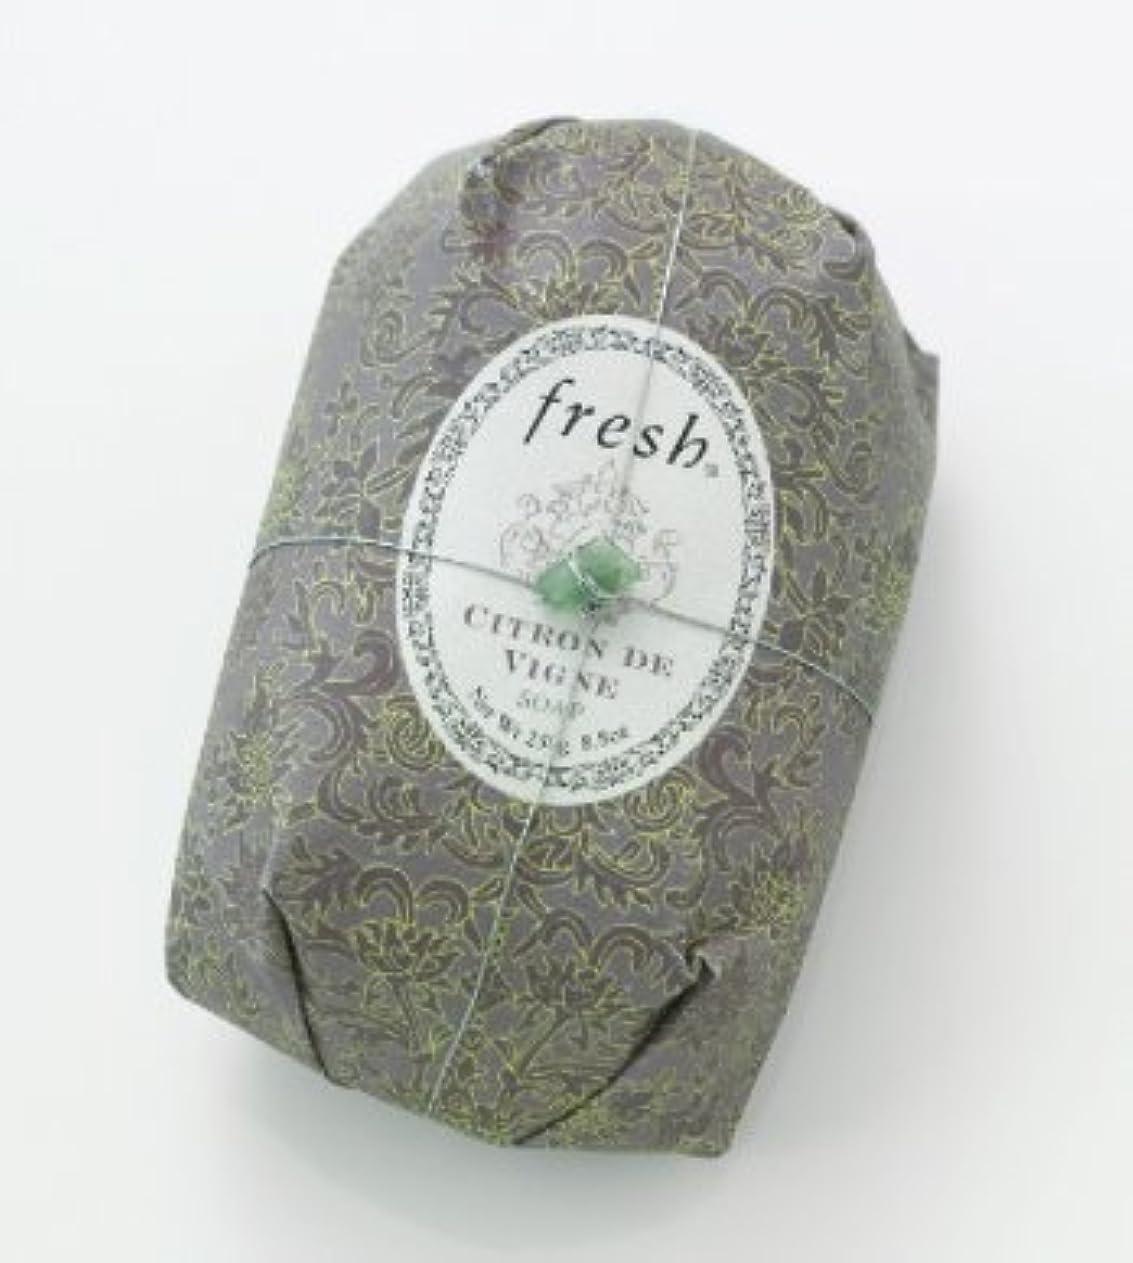 笑いバックグラウンド単位Fresh CITRON DE VIGNE SOAP (フレッシュ シトロンデヴァイン ソープ) 8.8 oz (250g) Soap (石鹸) by Fresh